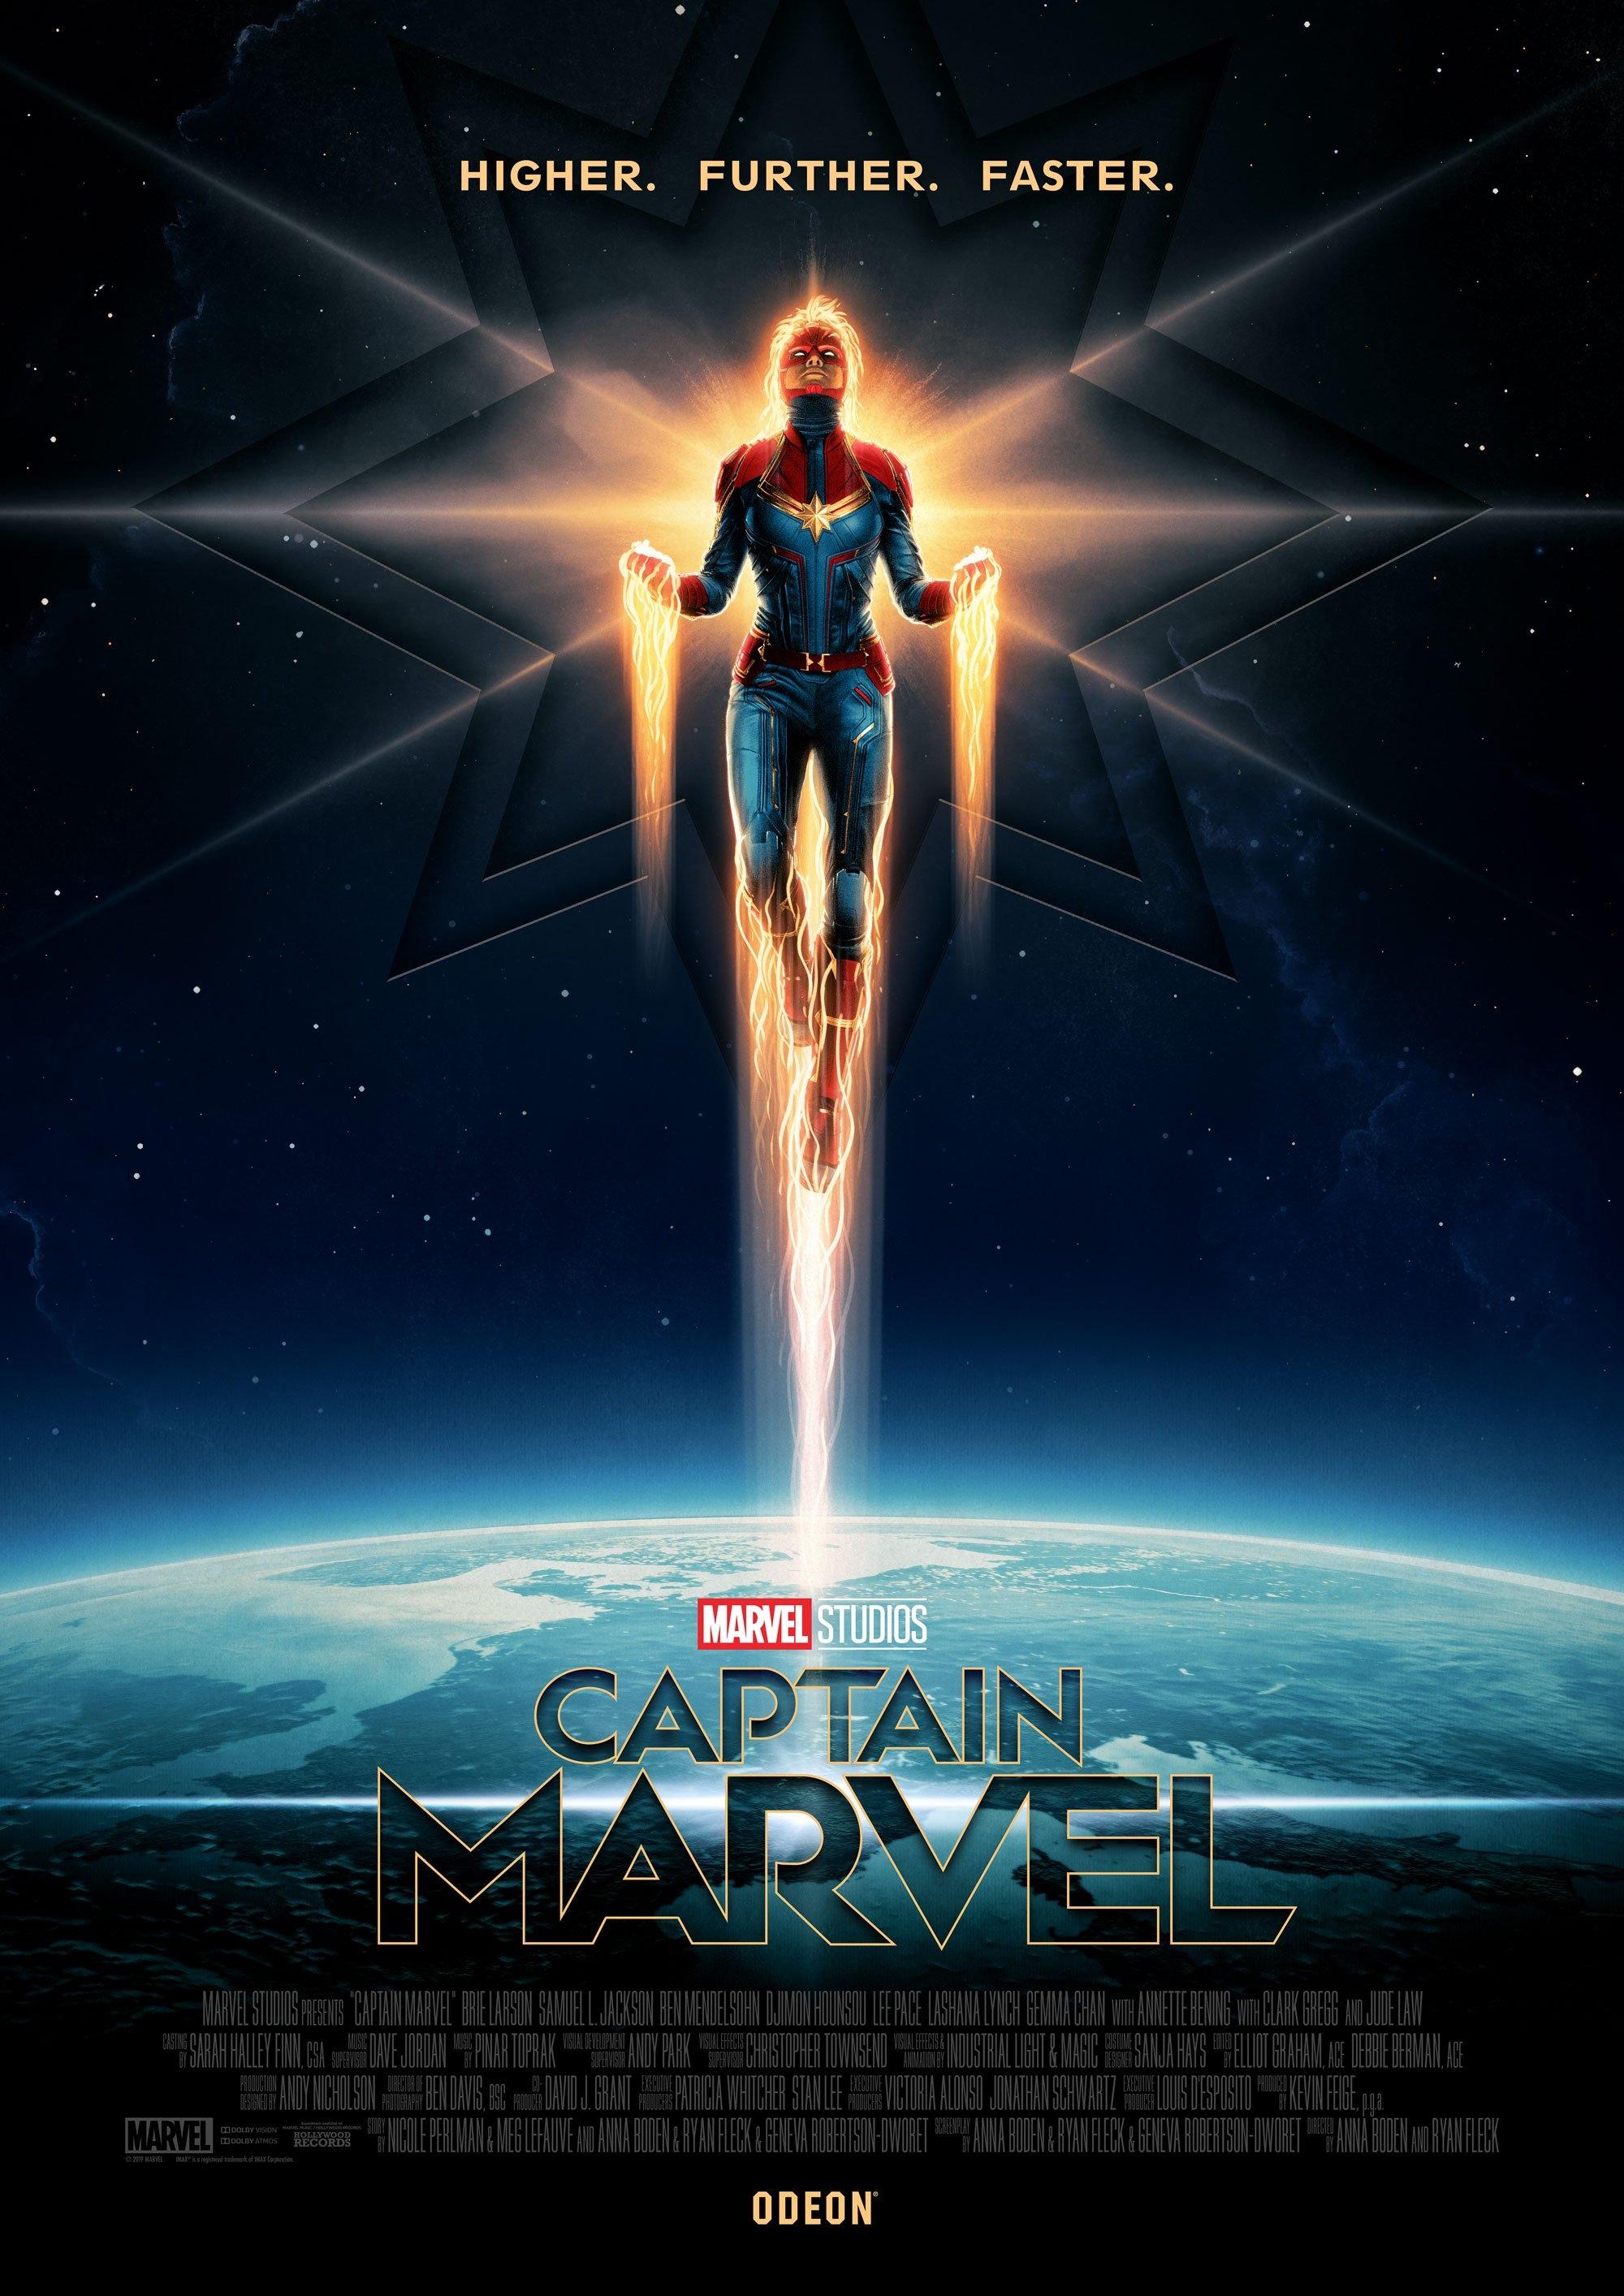 Captain Marvel (film) poster 019.jpg